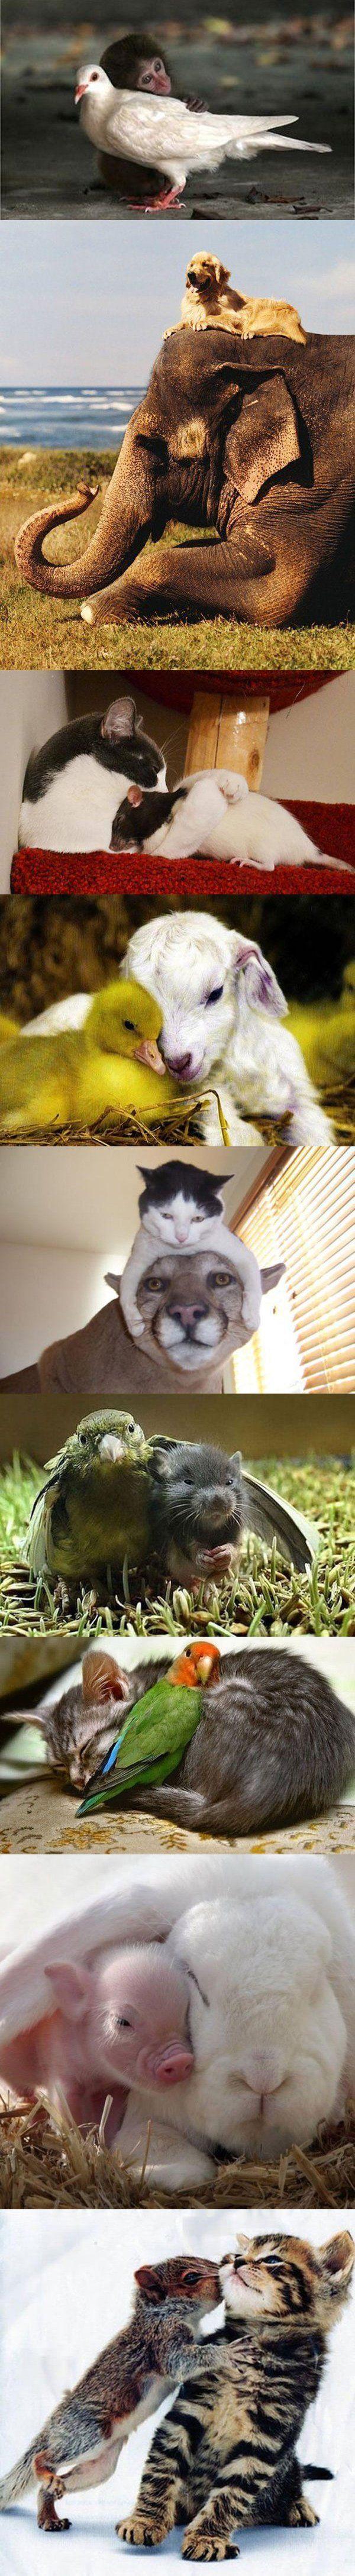 Die ungewöhnlichsten Tierfreundschaften | Webfail - Fail Bilder und Fail Videos